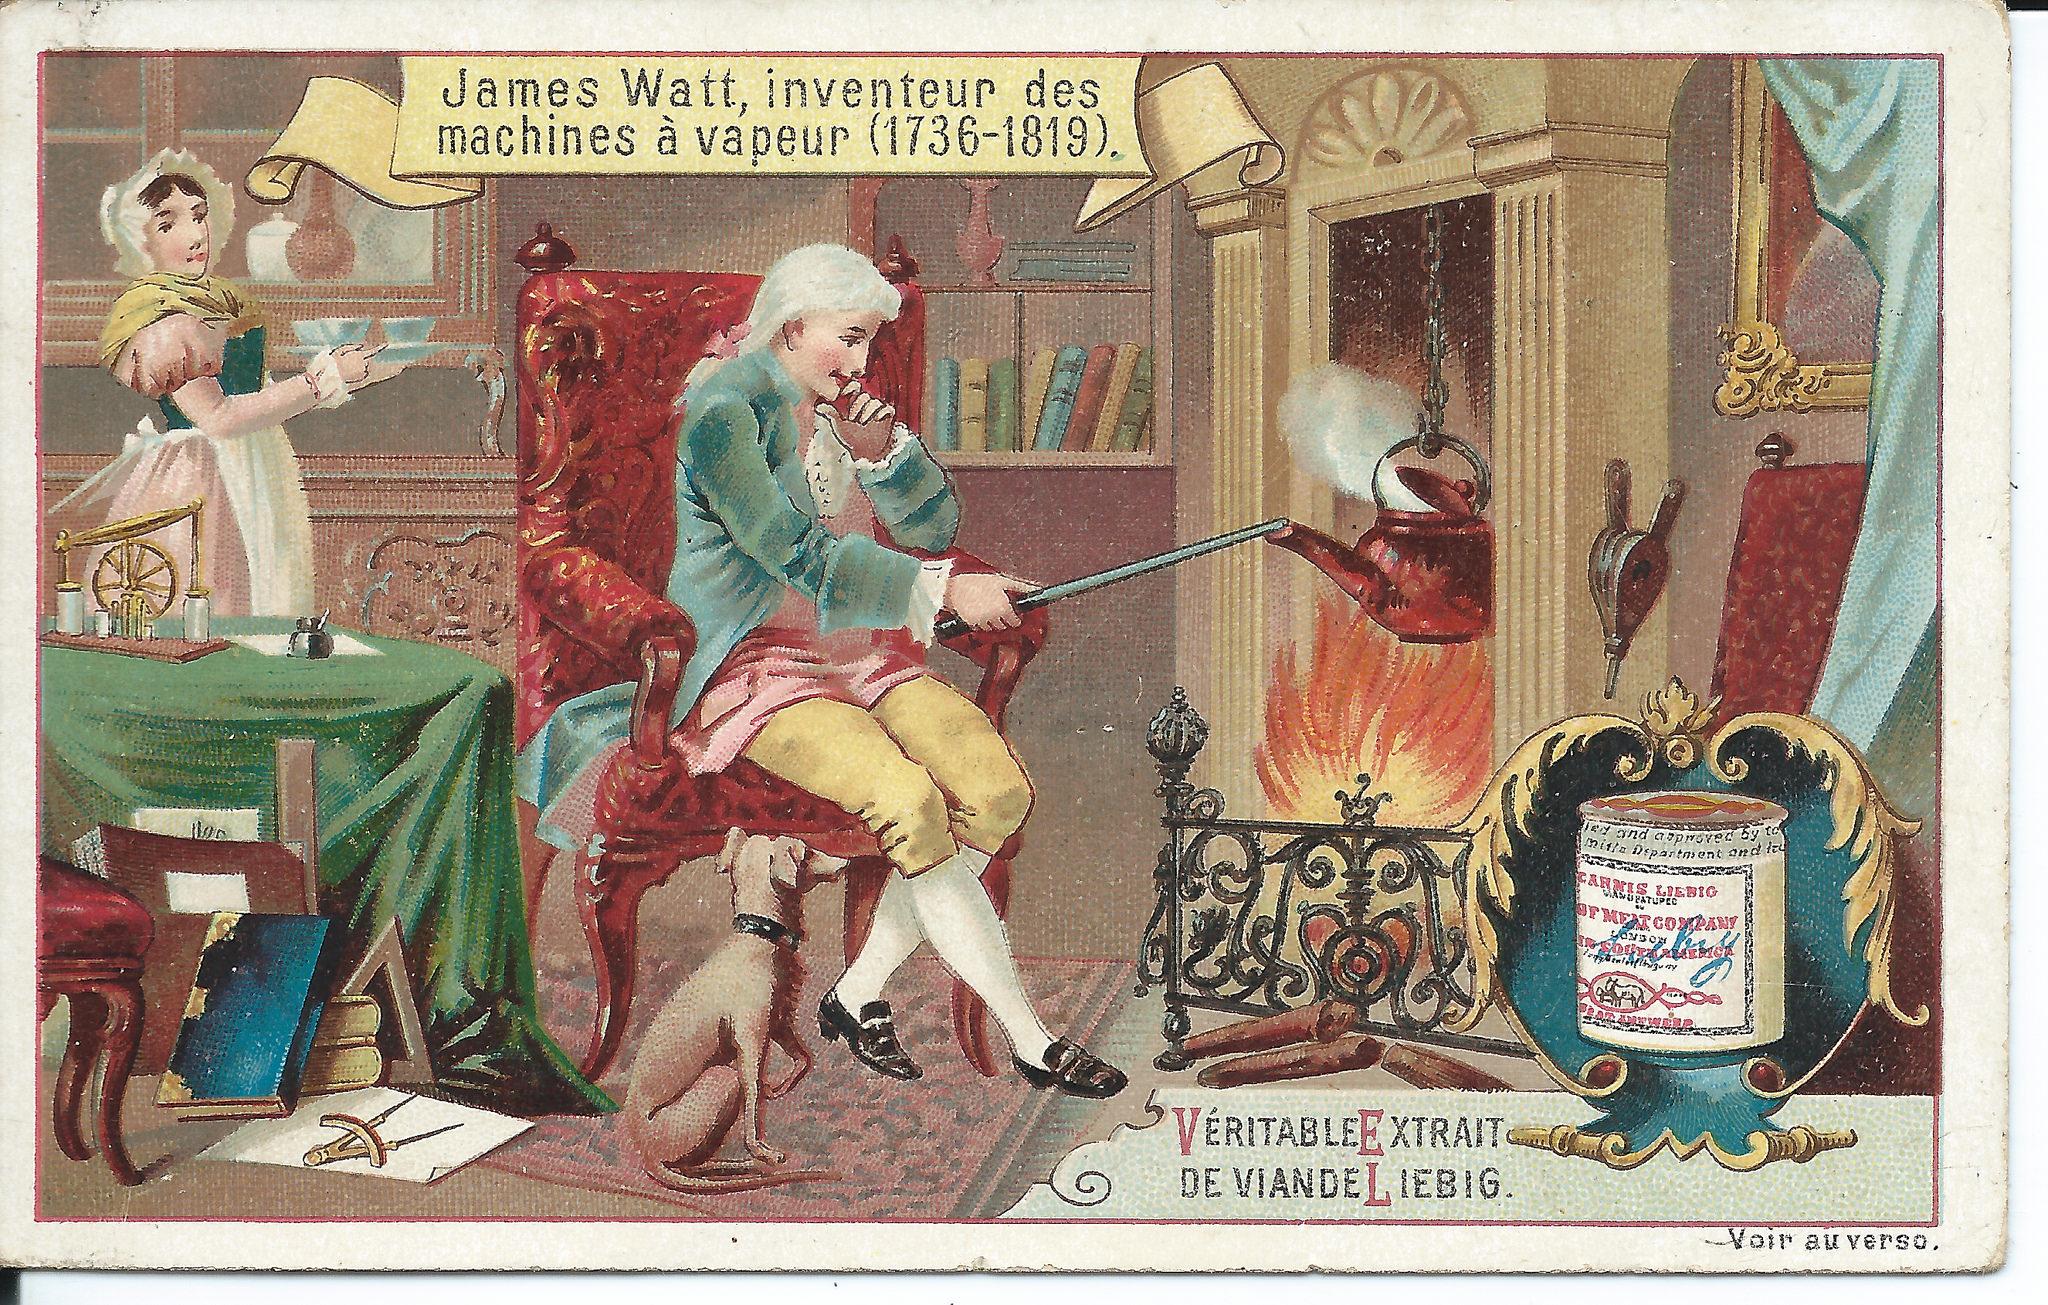 James Watt, inventor of the steam engine